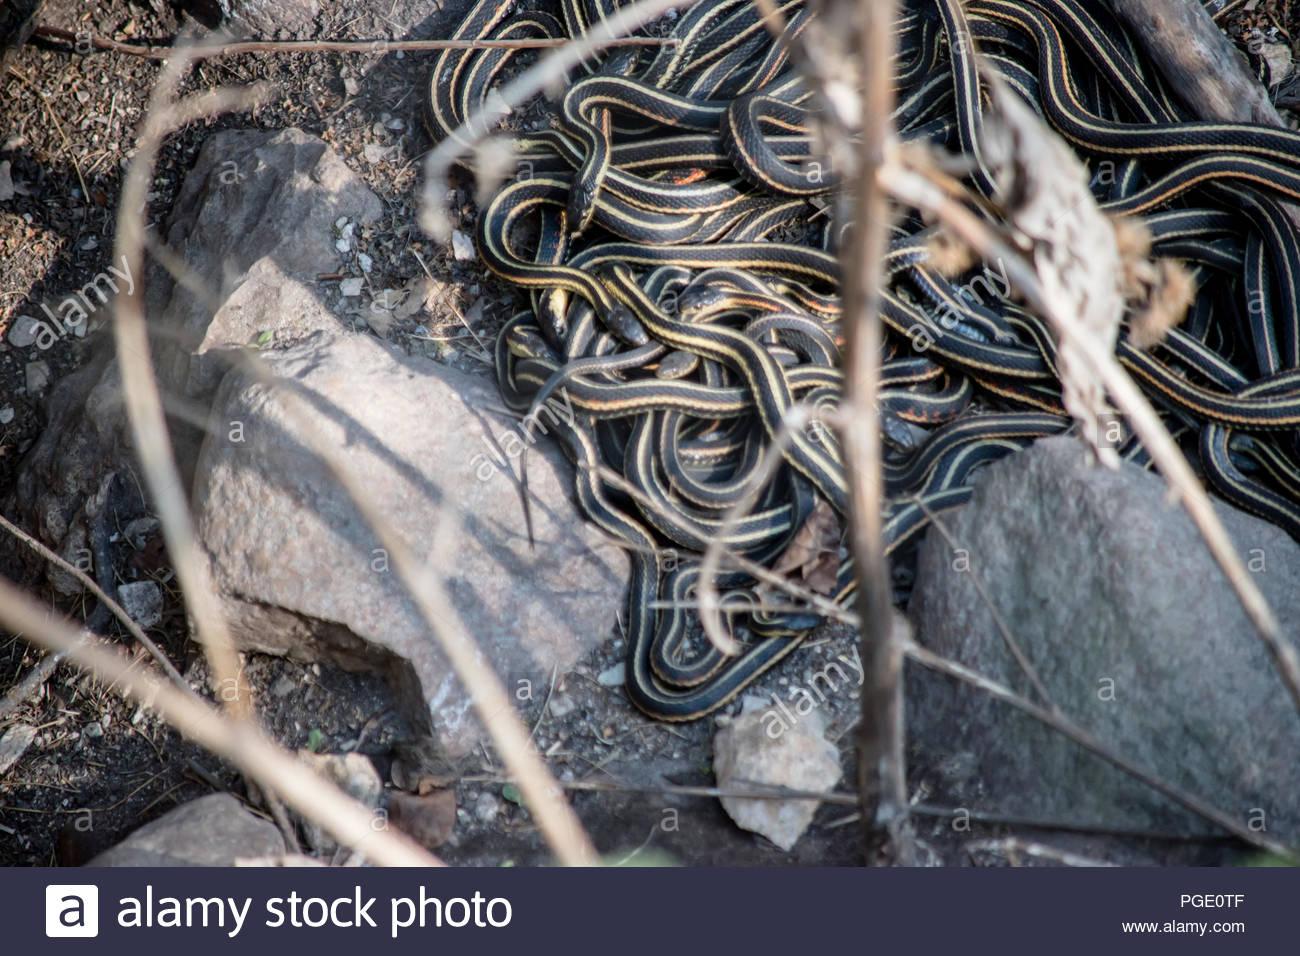 Paarung Schlangen